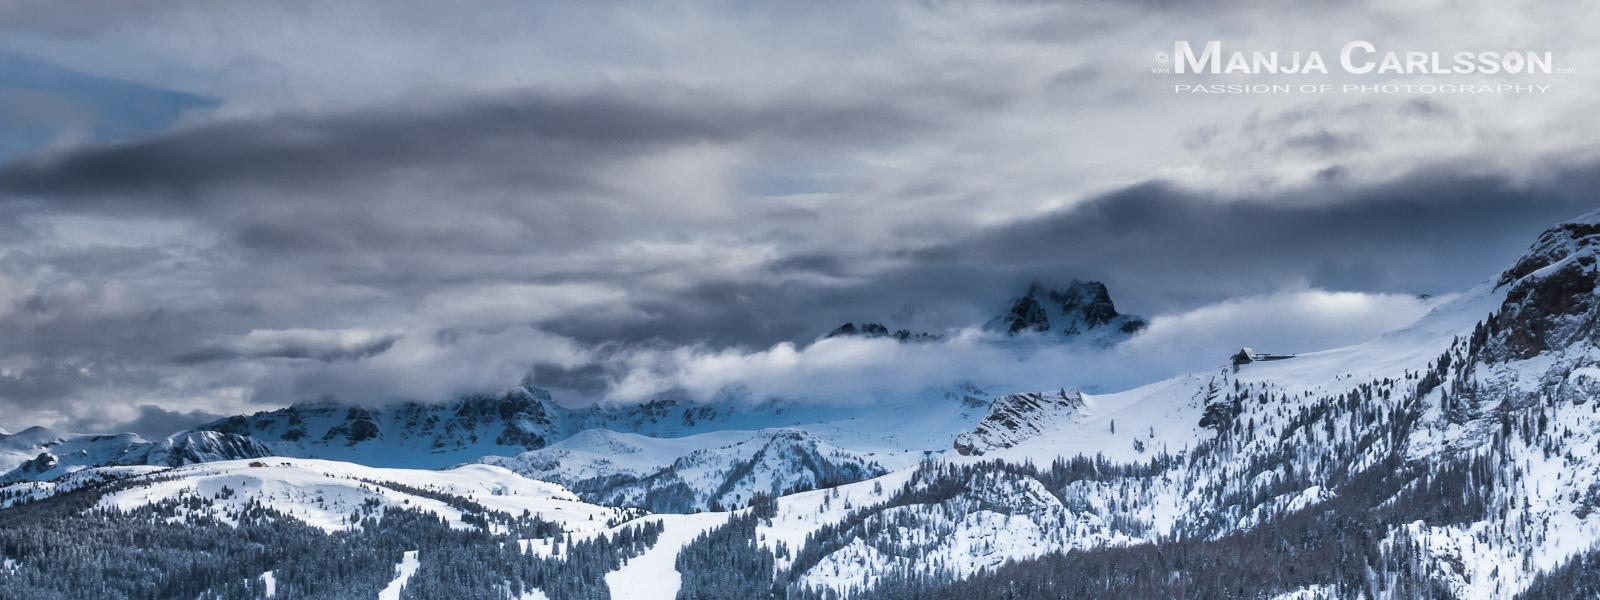 Dolomiten, Alta Badia und Marmolada unter Schneewolken am Nachmittag © Manja Carlsson